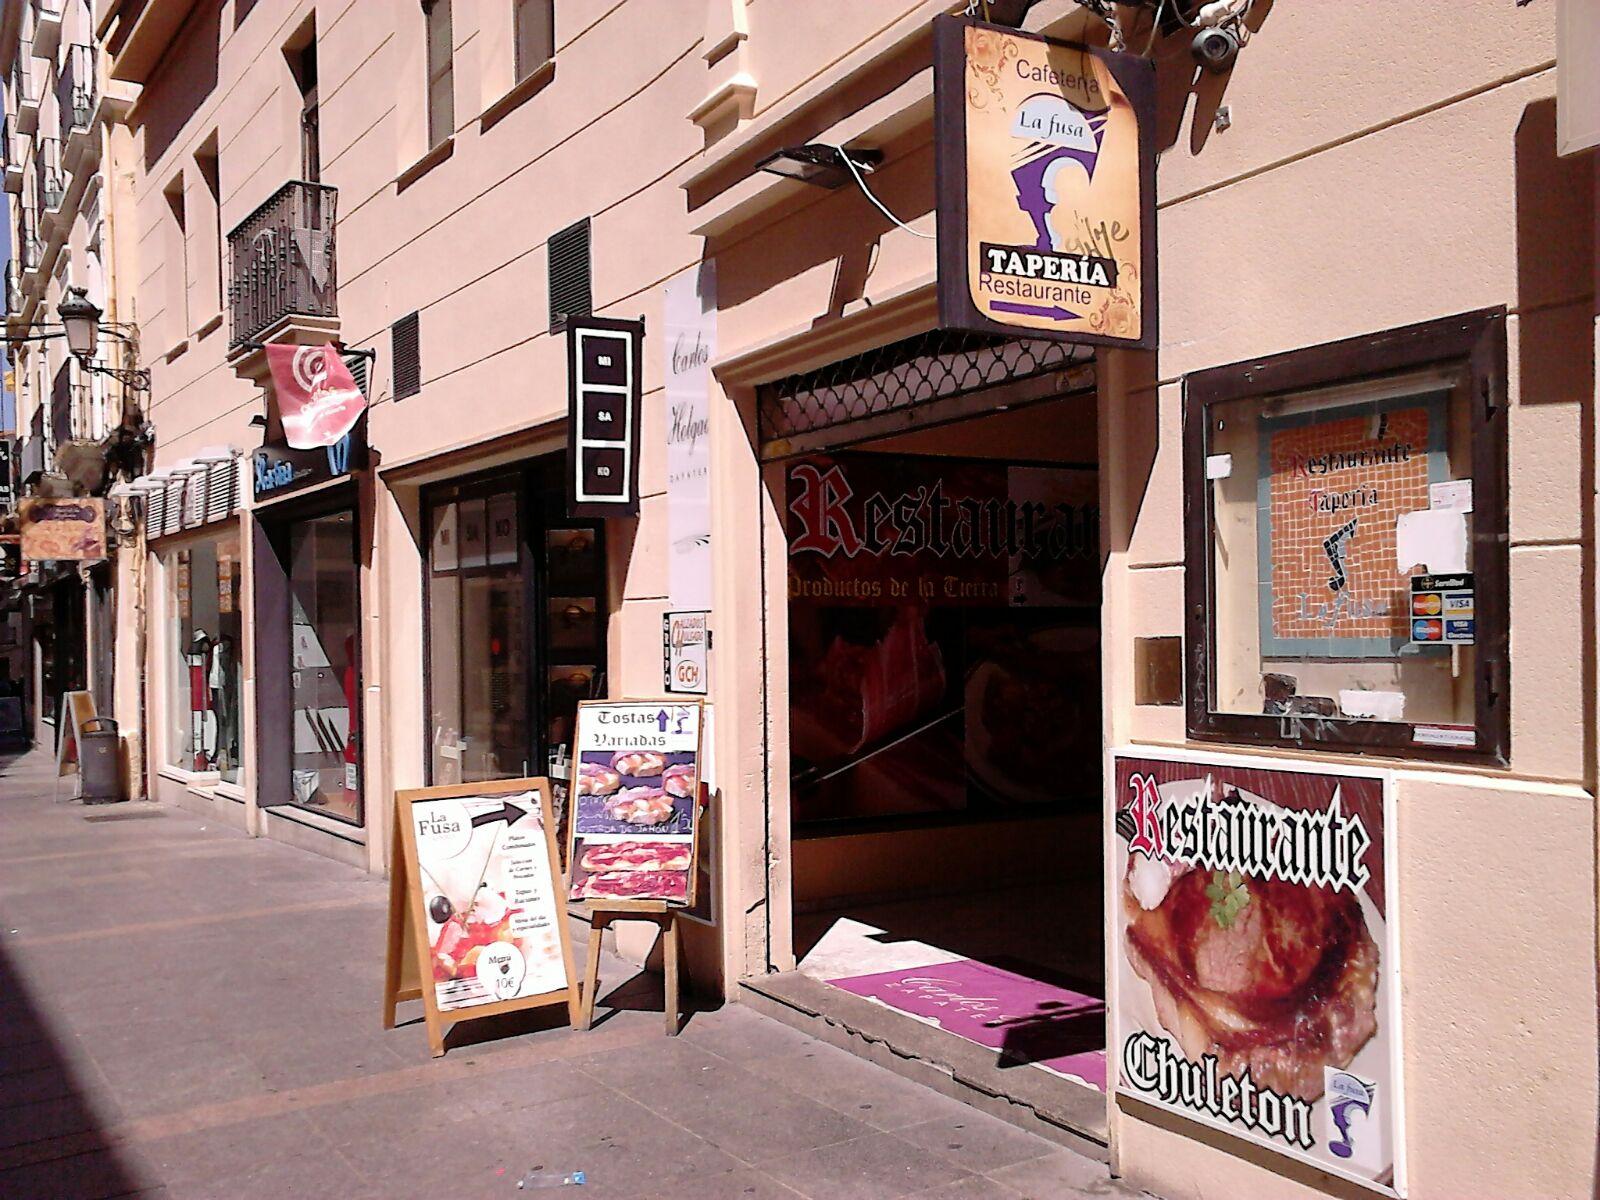 LA FUSA, Restaurante económico en Cáceres, especialidad en productos extremeños en Cáceres